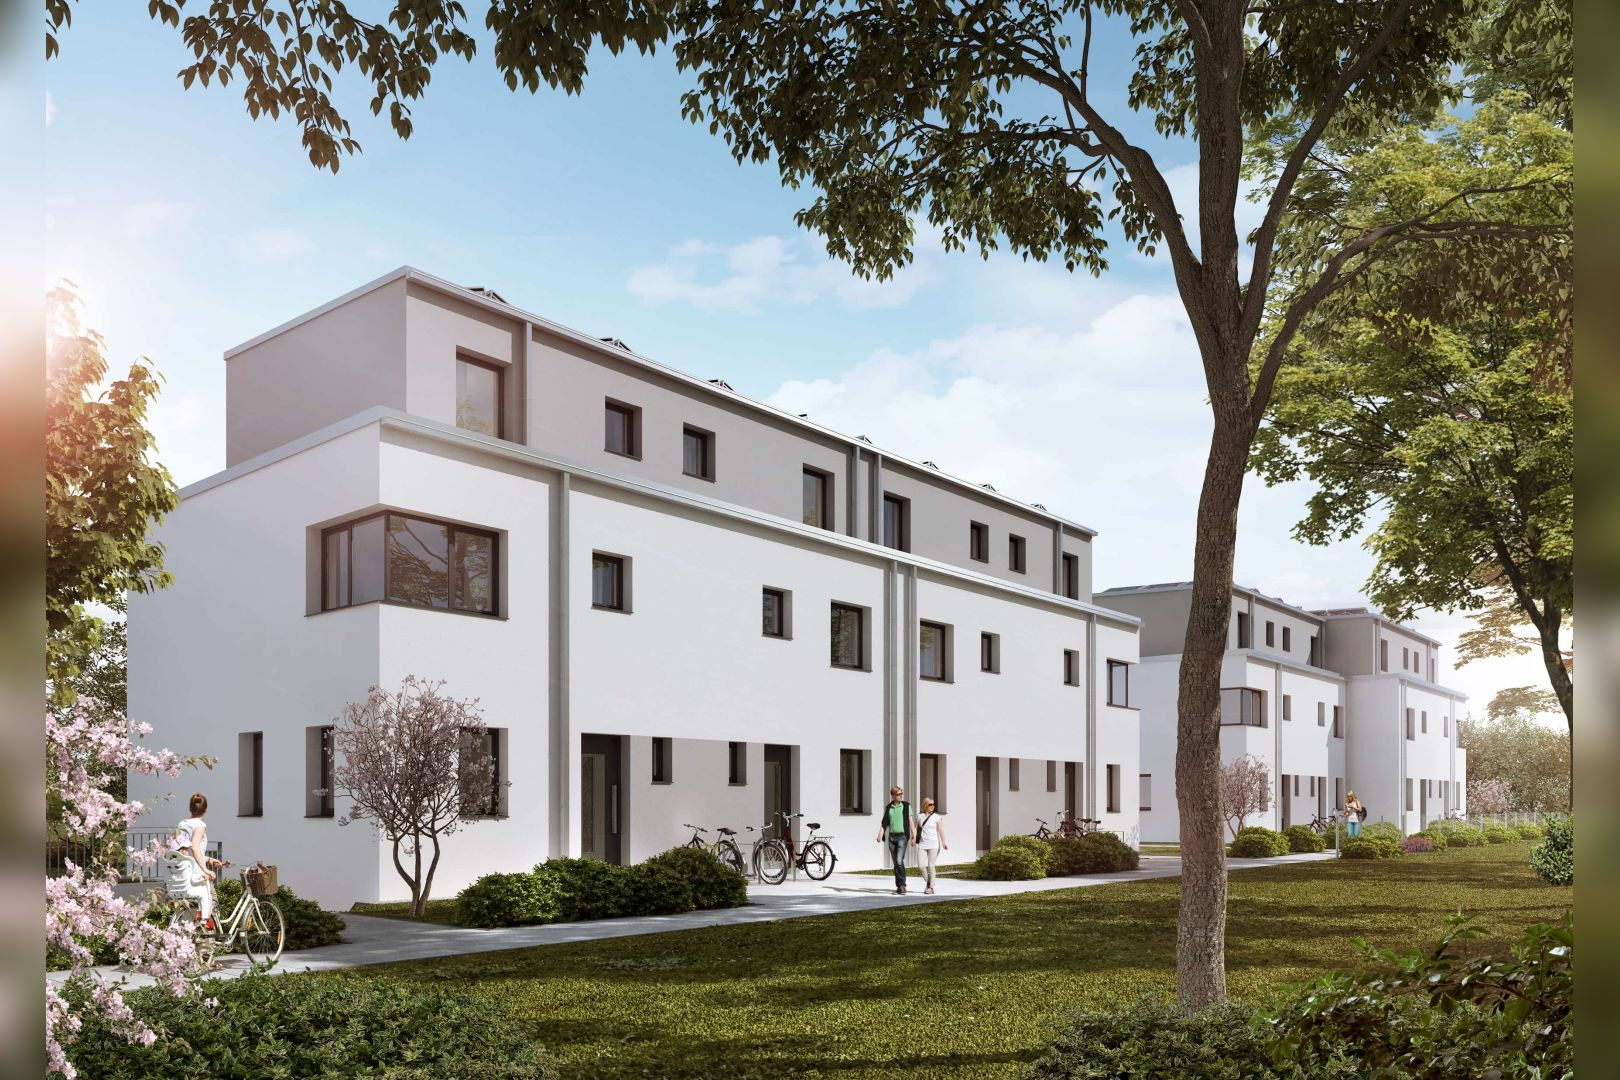 Immobilie Nr.BÖ-09; | Von-Arenberg-Str. 27, 40668 Meerbusch